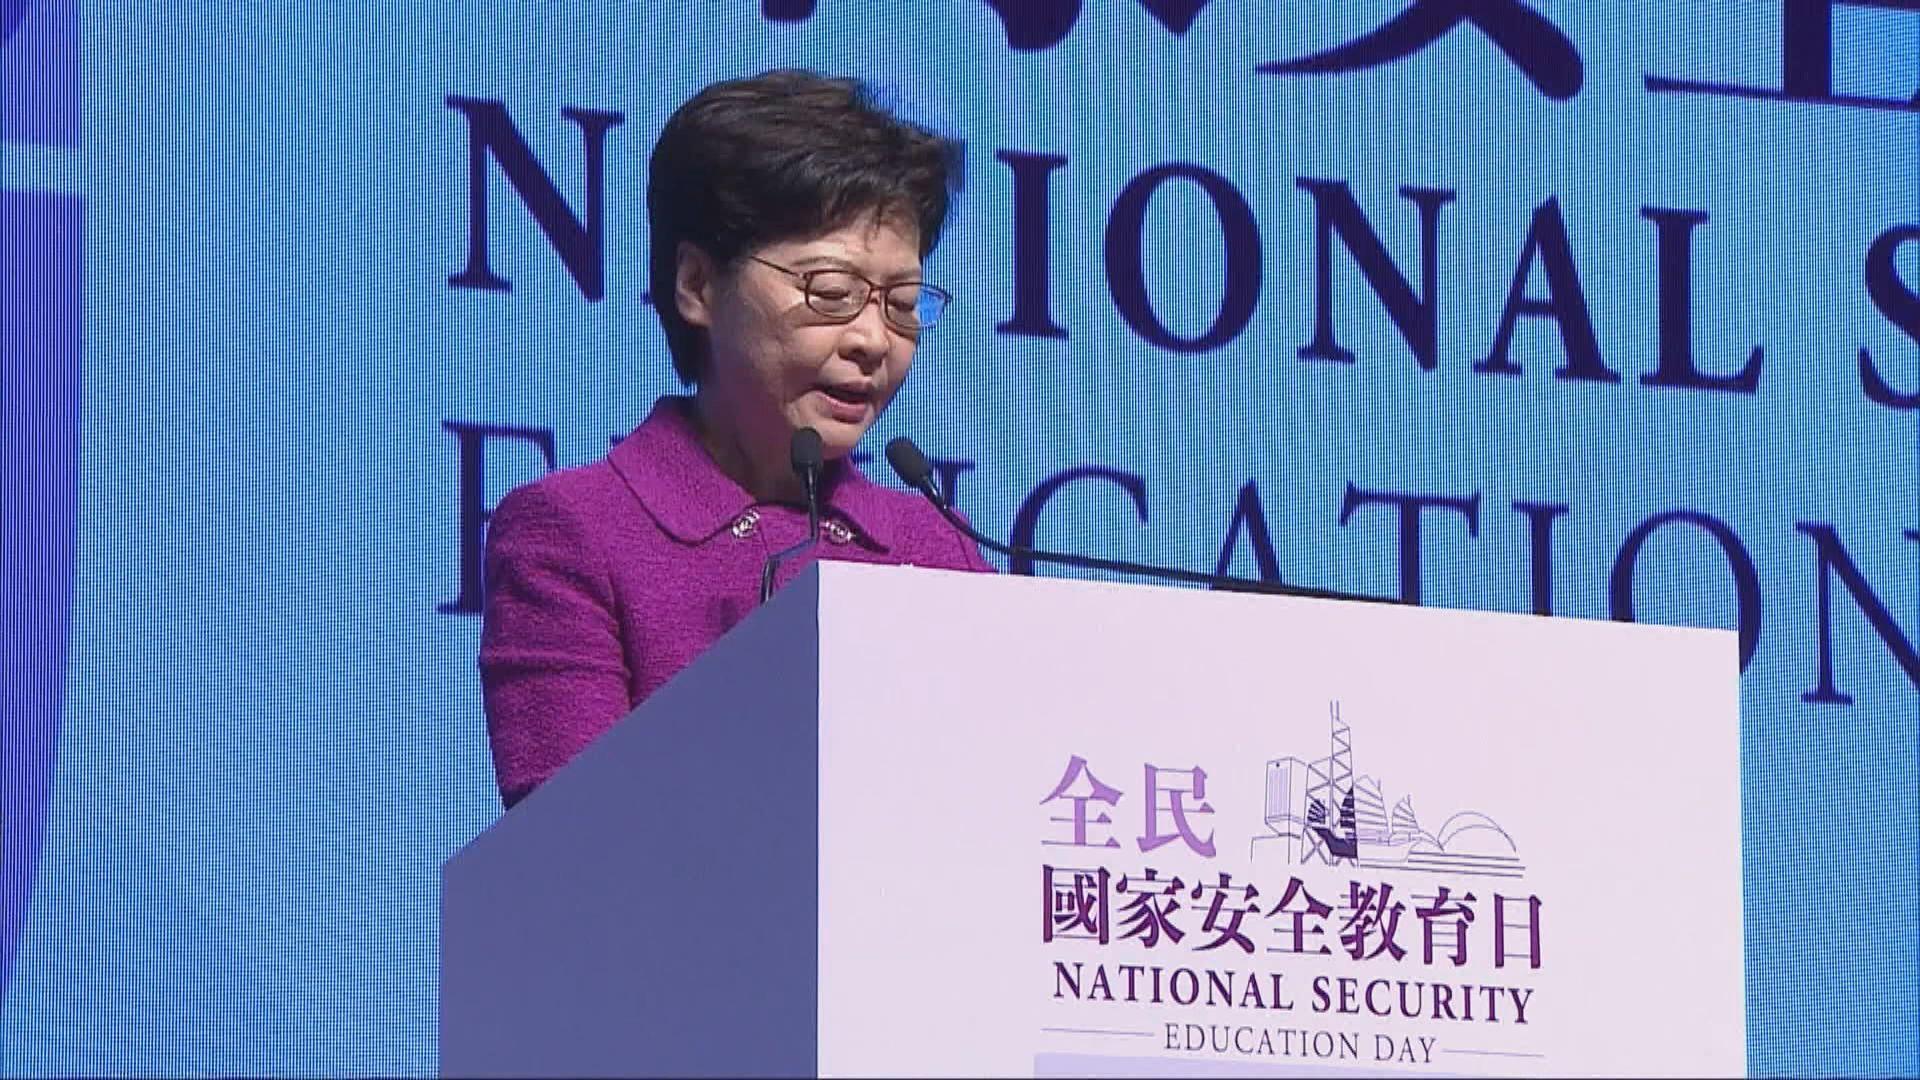 【國安教育日】林鄭:國安法實施令香港恢復穩定